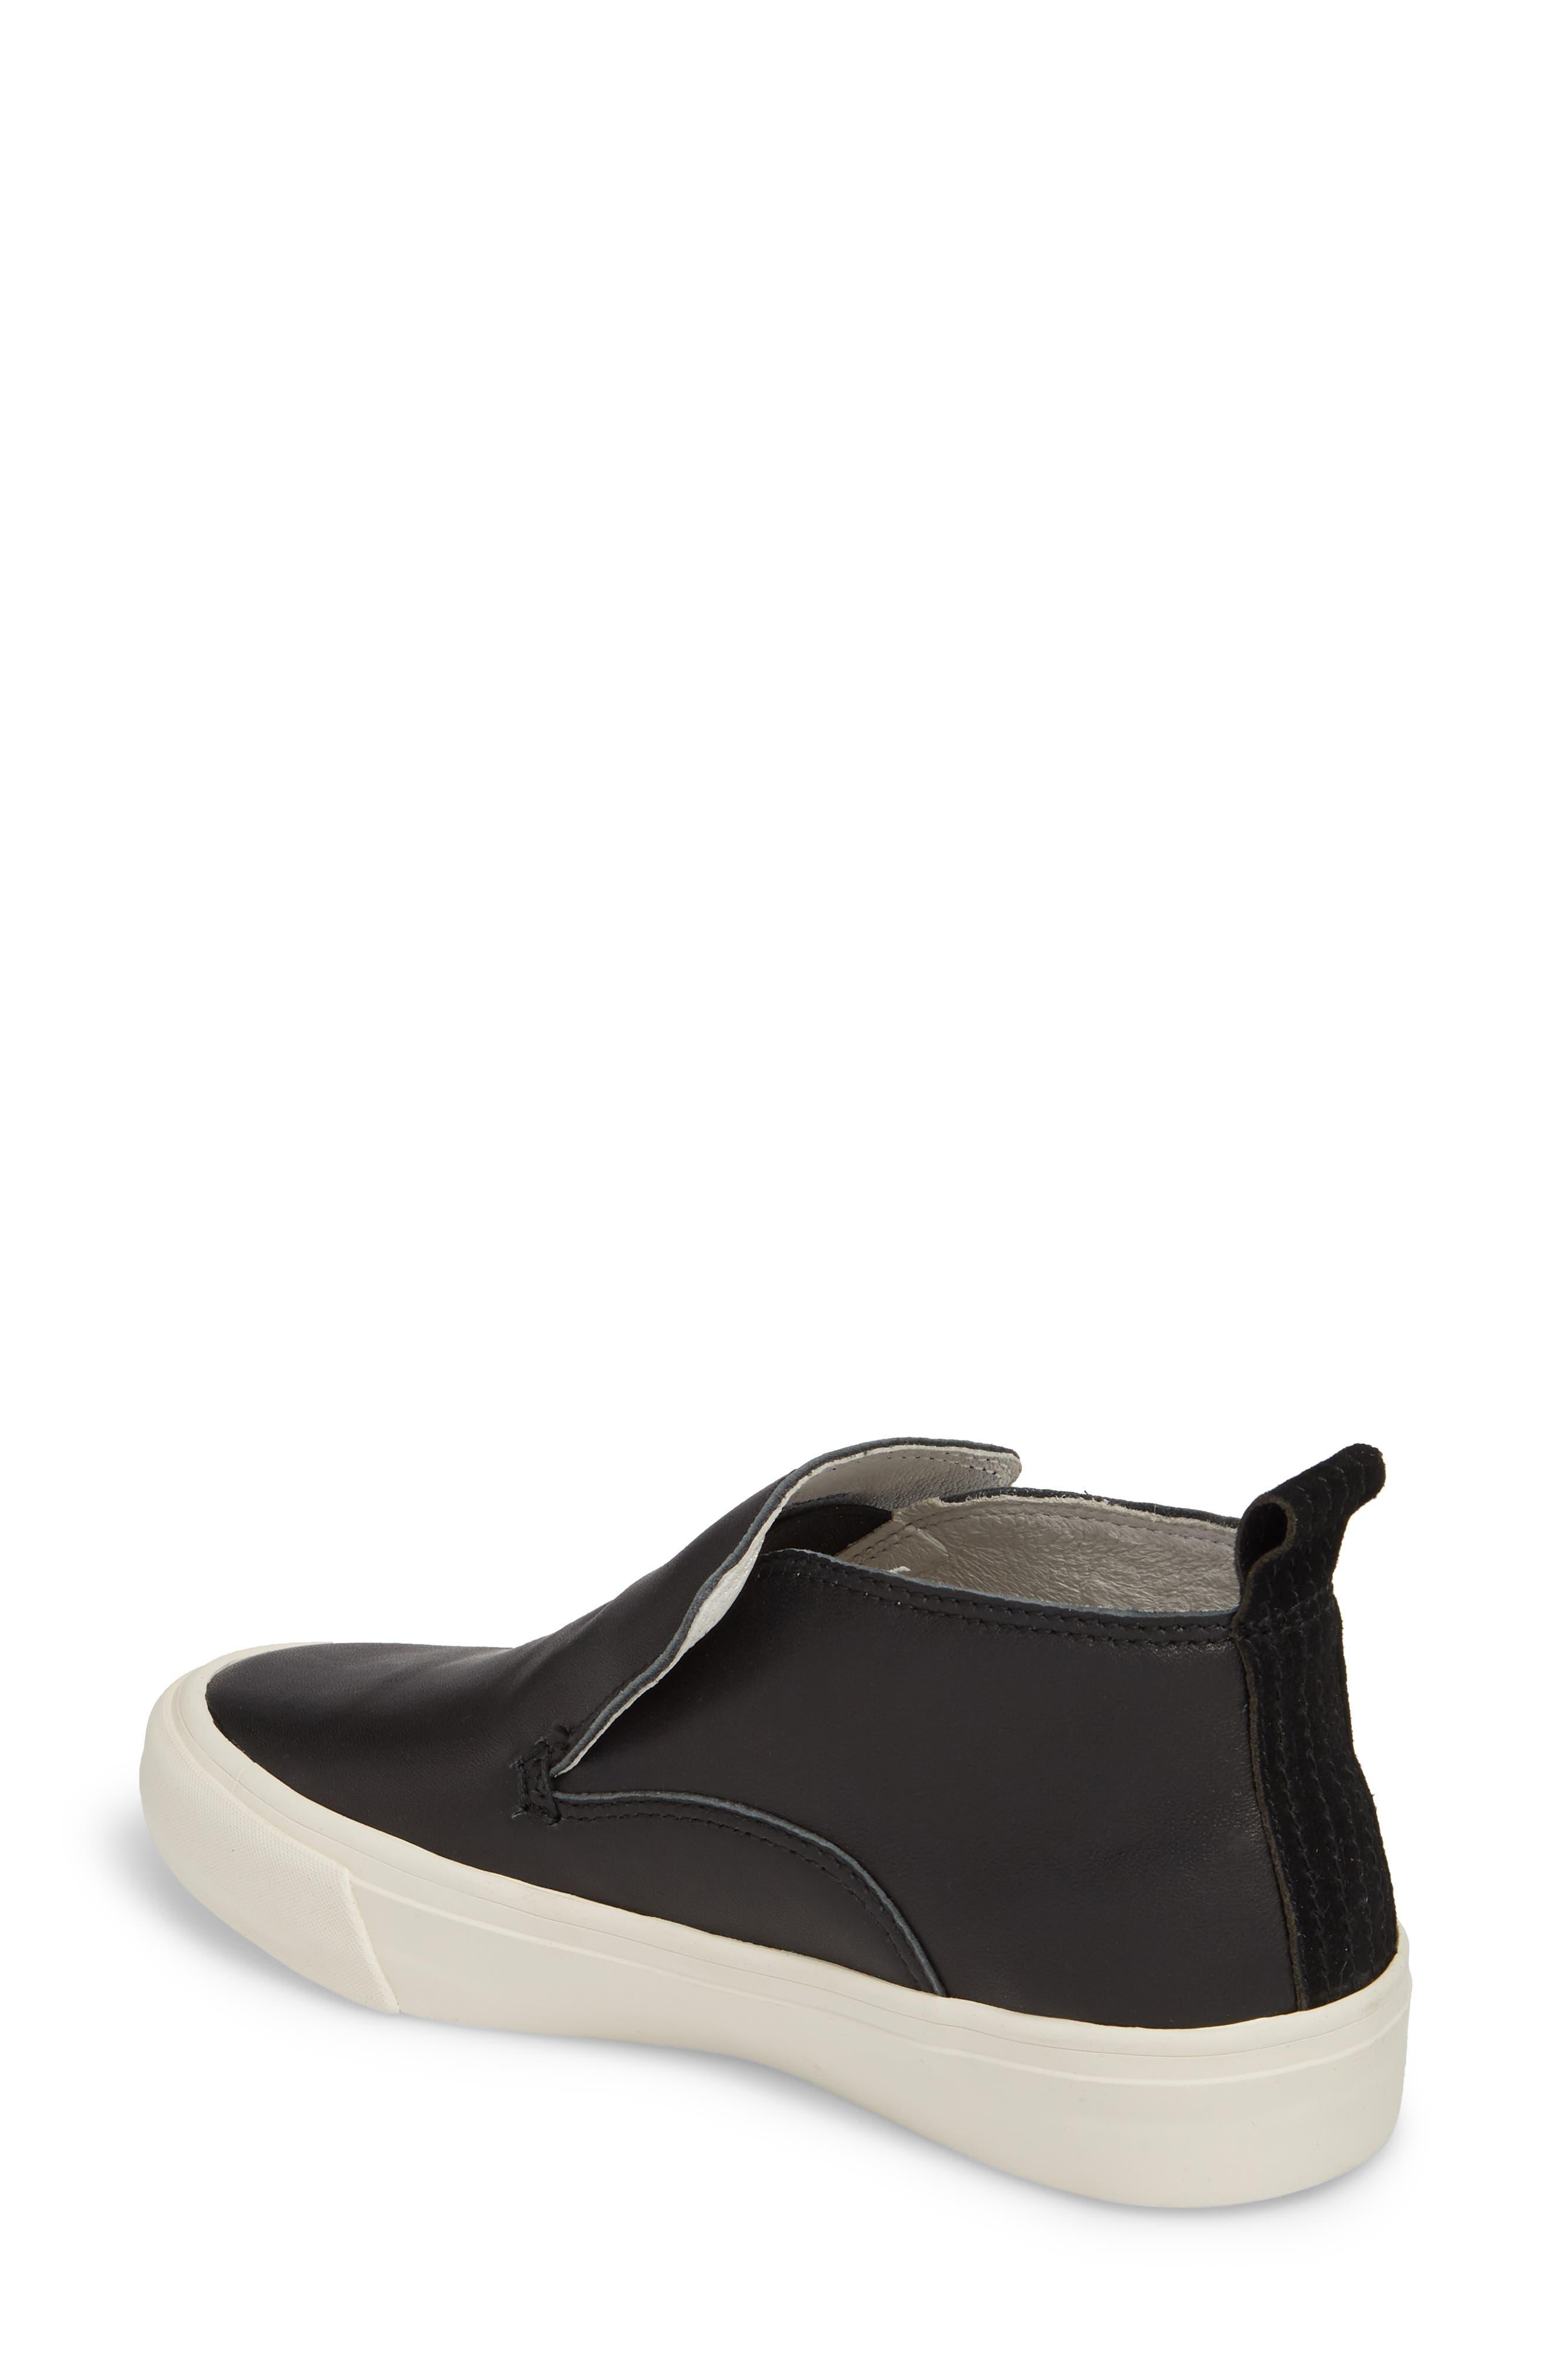 x Derek Lam 10 Crosby Huntington Middie Sneaker,                             Alternate thumbnail 2, color,                             BLACK LEATHER